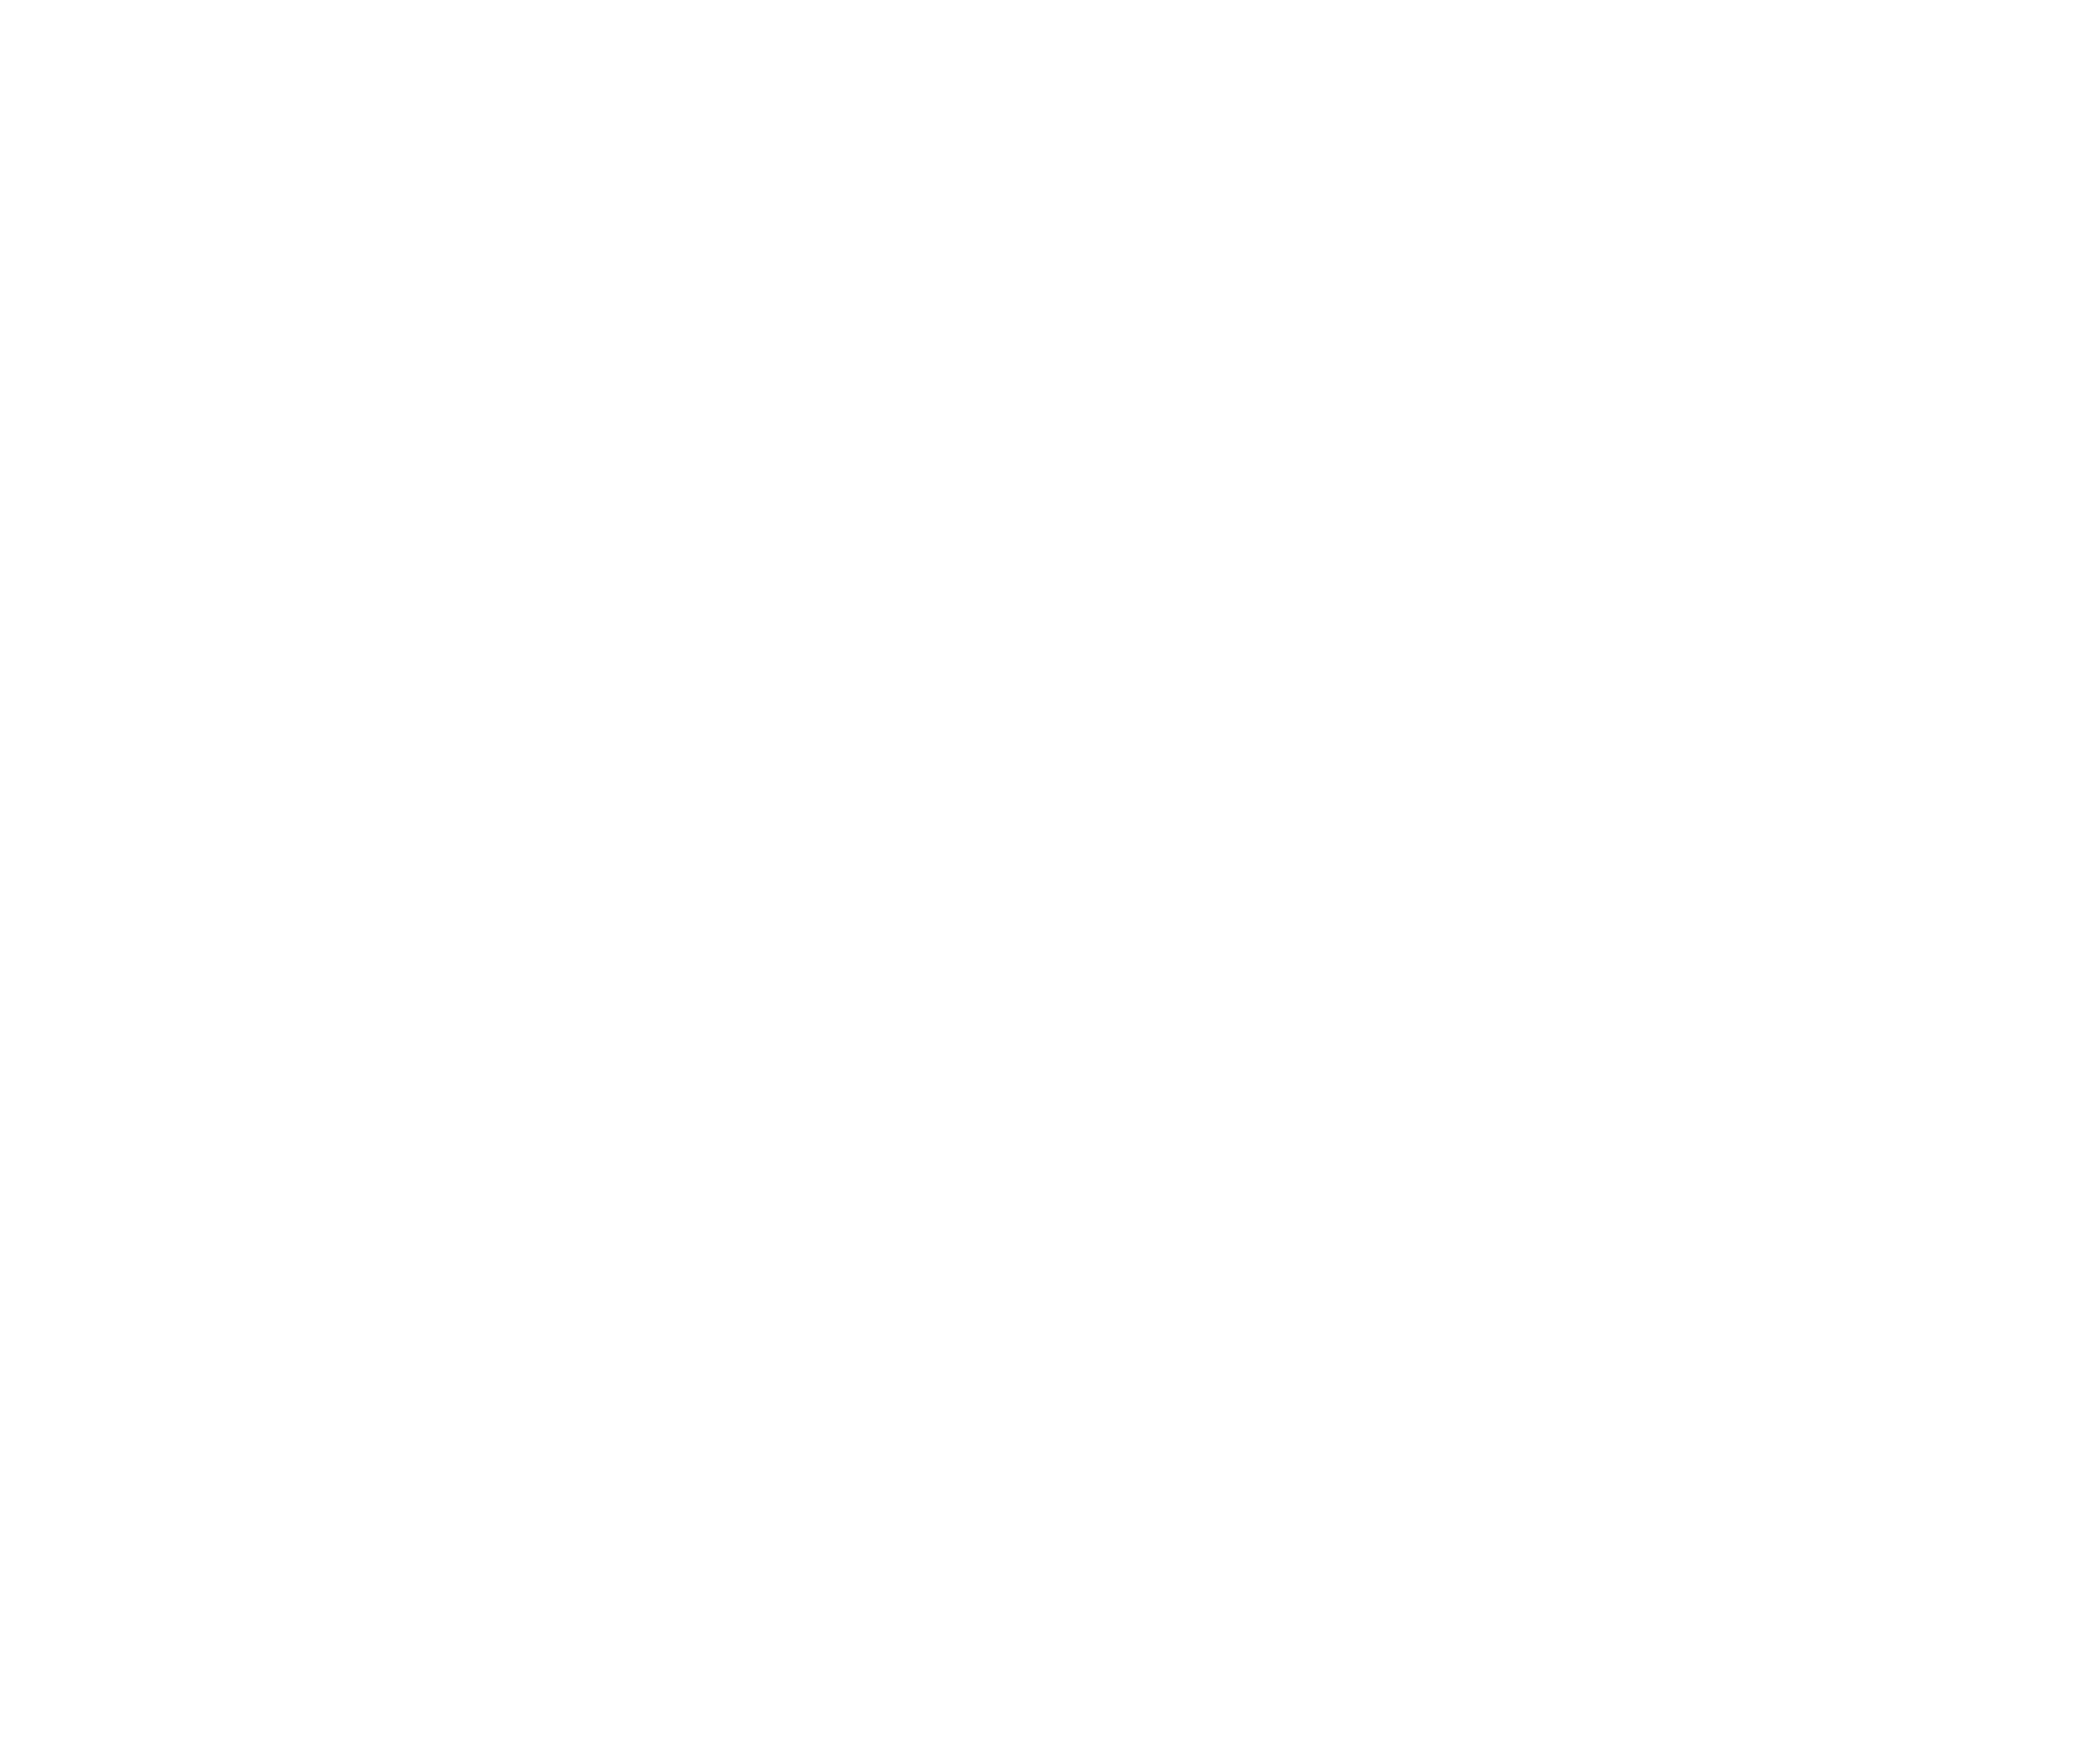 Velká značka - Od 19 900 KčVelké konkurenční prostředíVýznamější společenský dopadVýstup loga v křivkáchlogomanuálVelká analýza trhuLicenční smlouva na neomezená práva užití